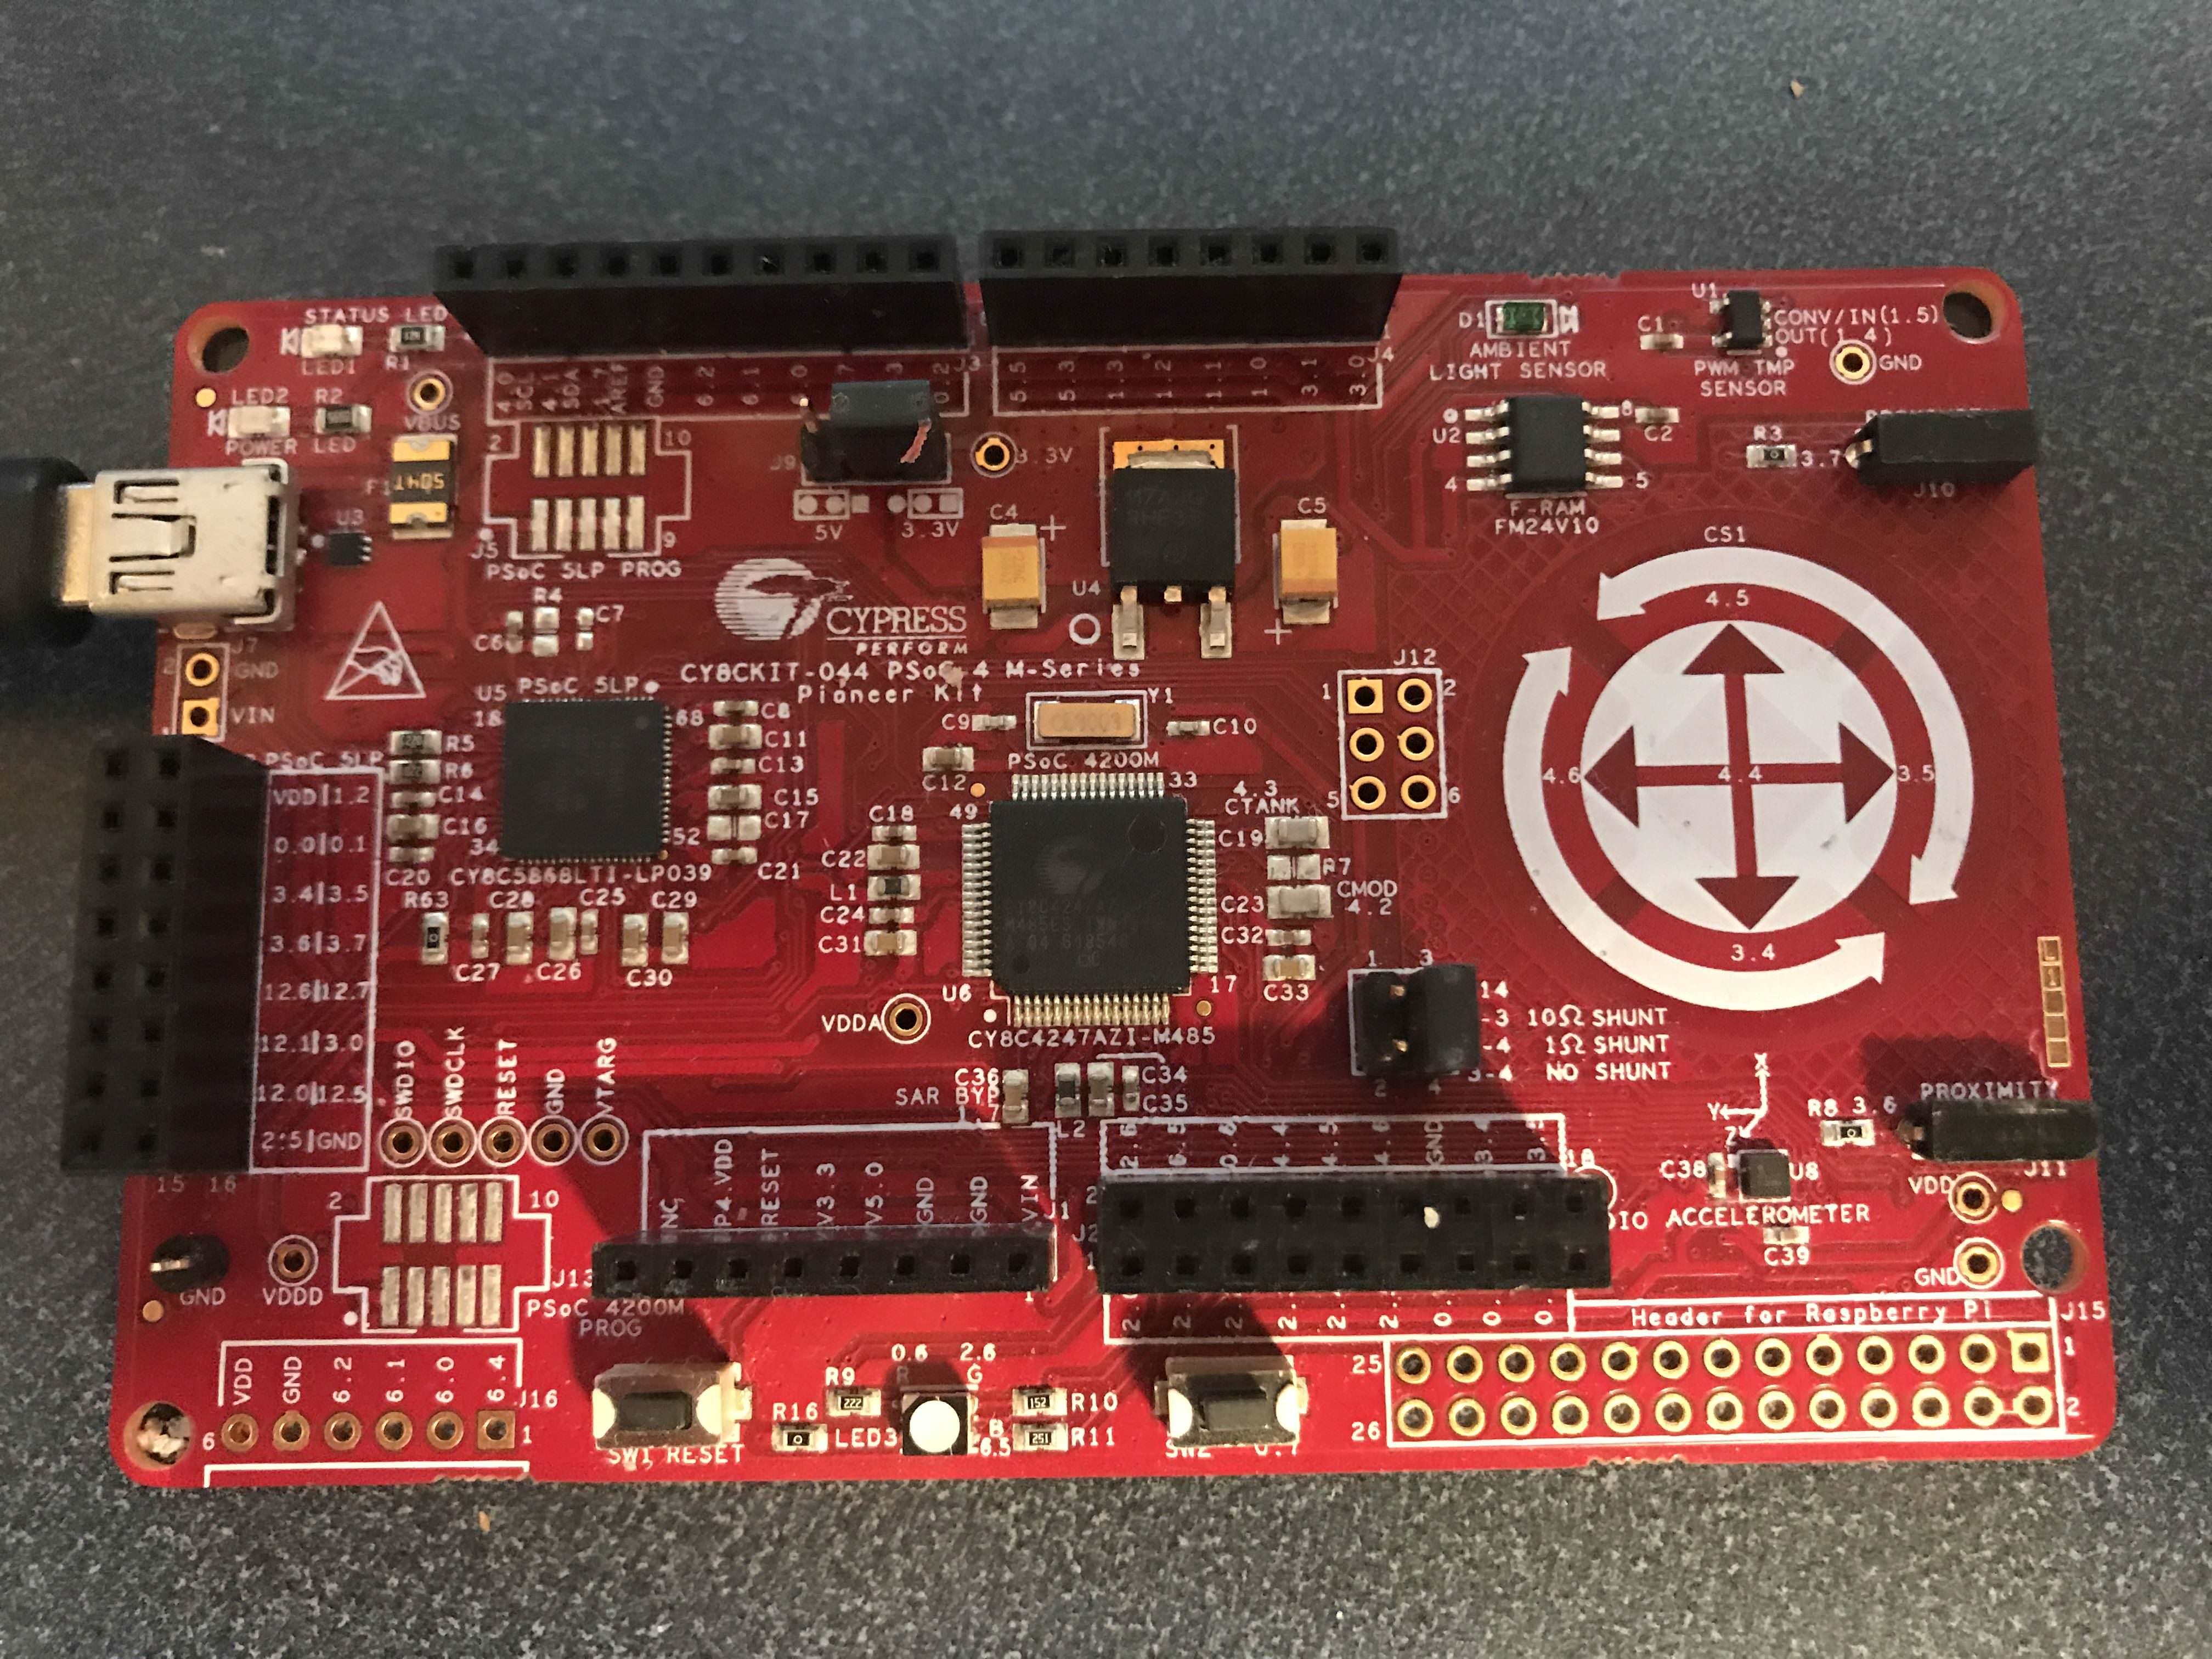 CY8CKIT-044 Development Kit Front